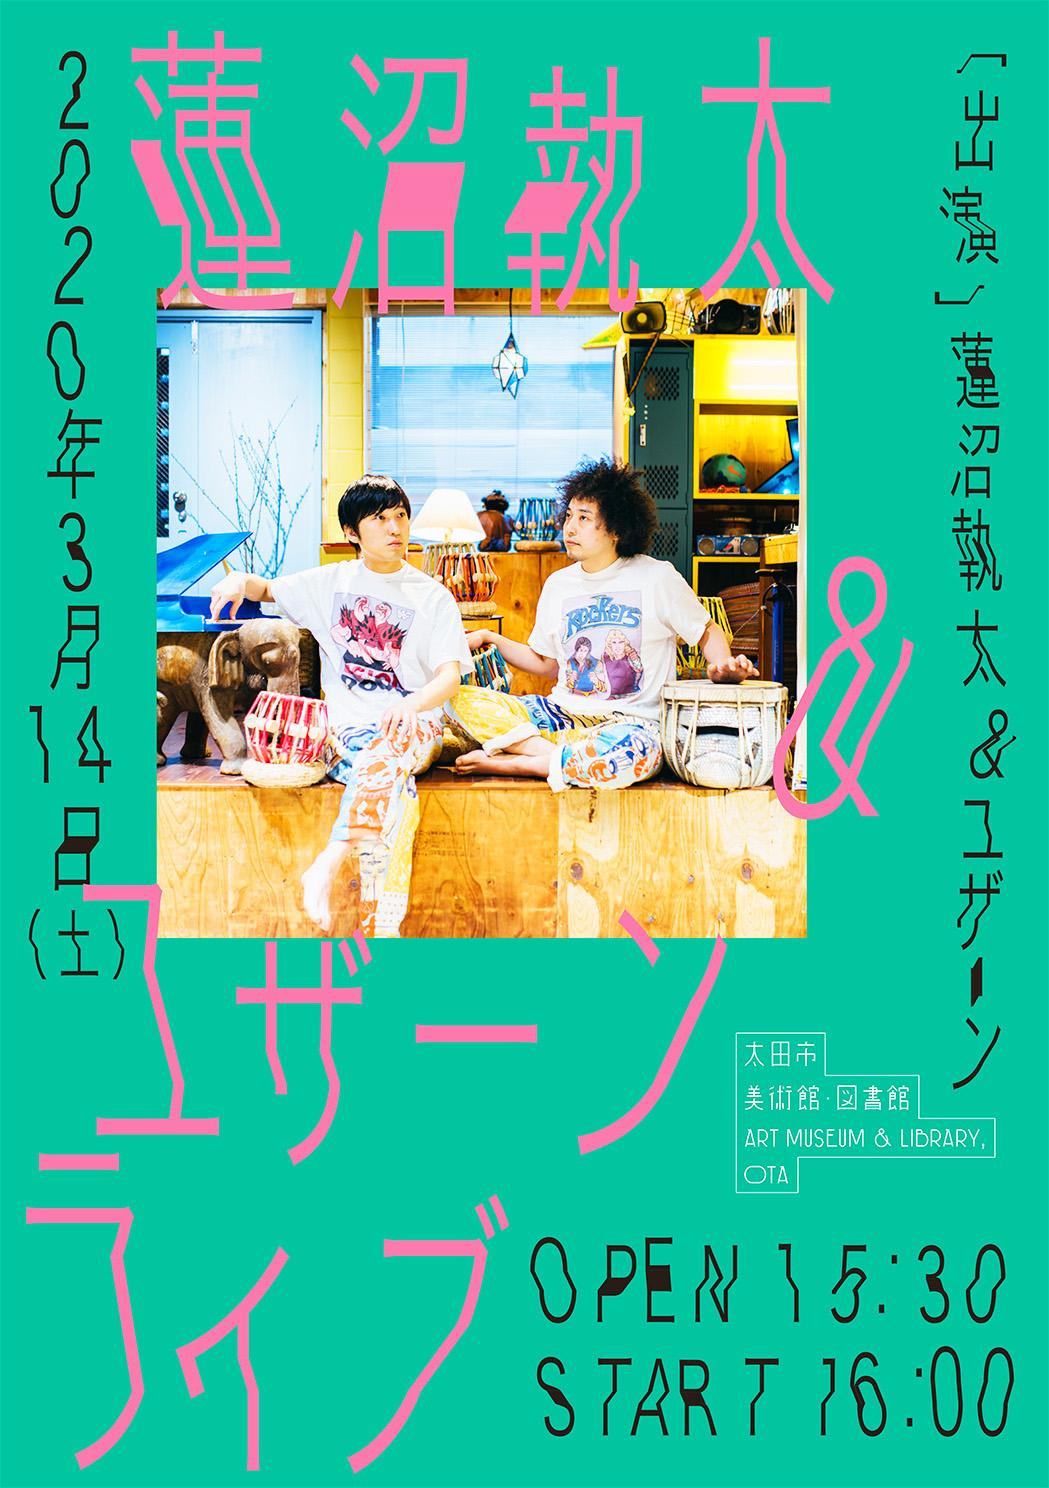 太田市美術館・図書館 蓮沼執太 & ユザーン ライブ / 2020 | キービジュアル